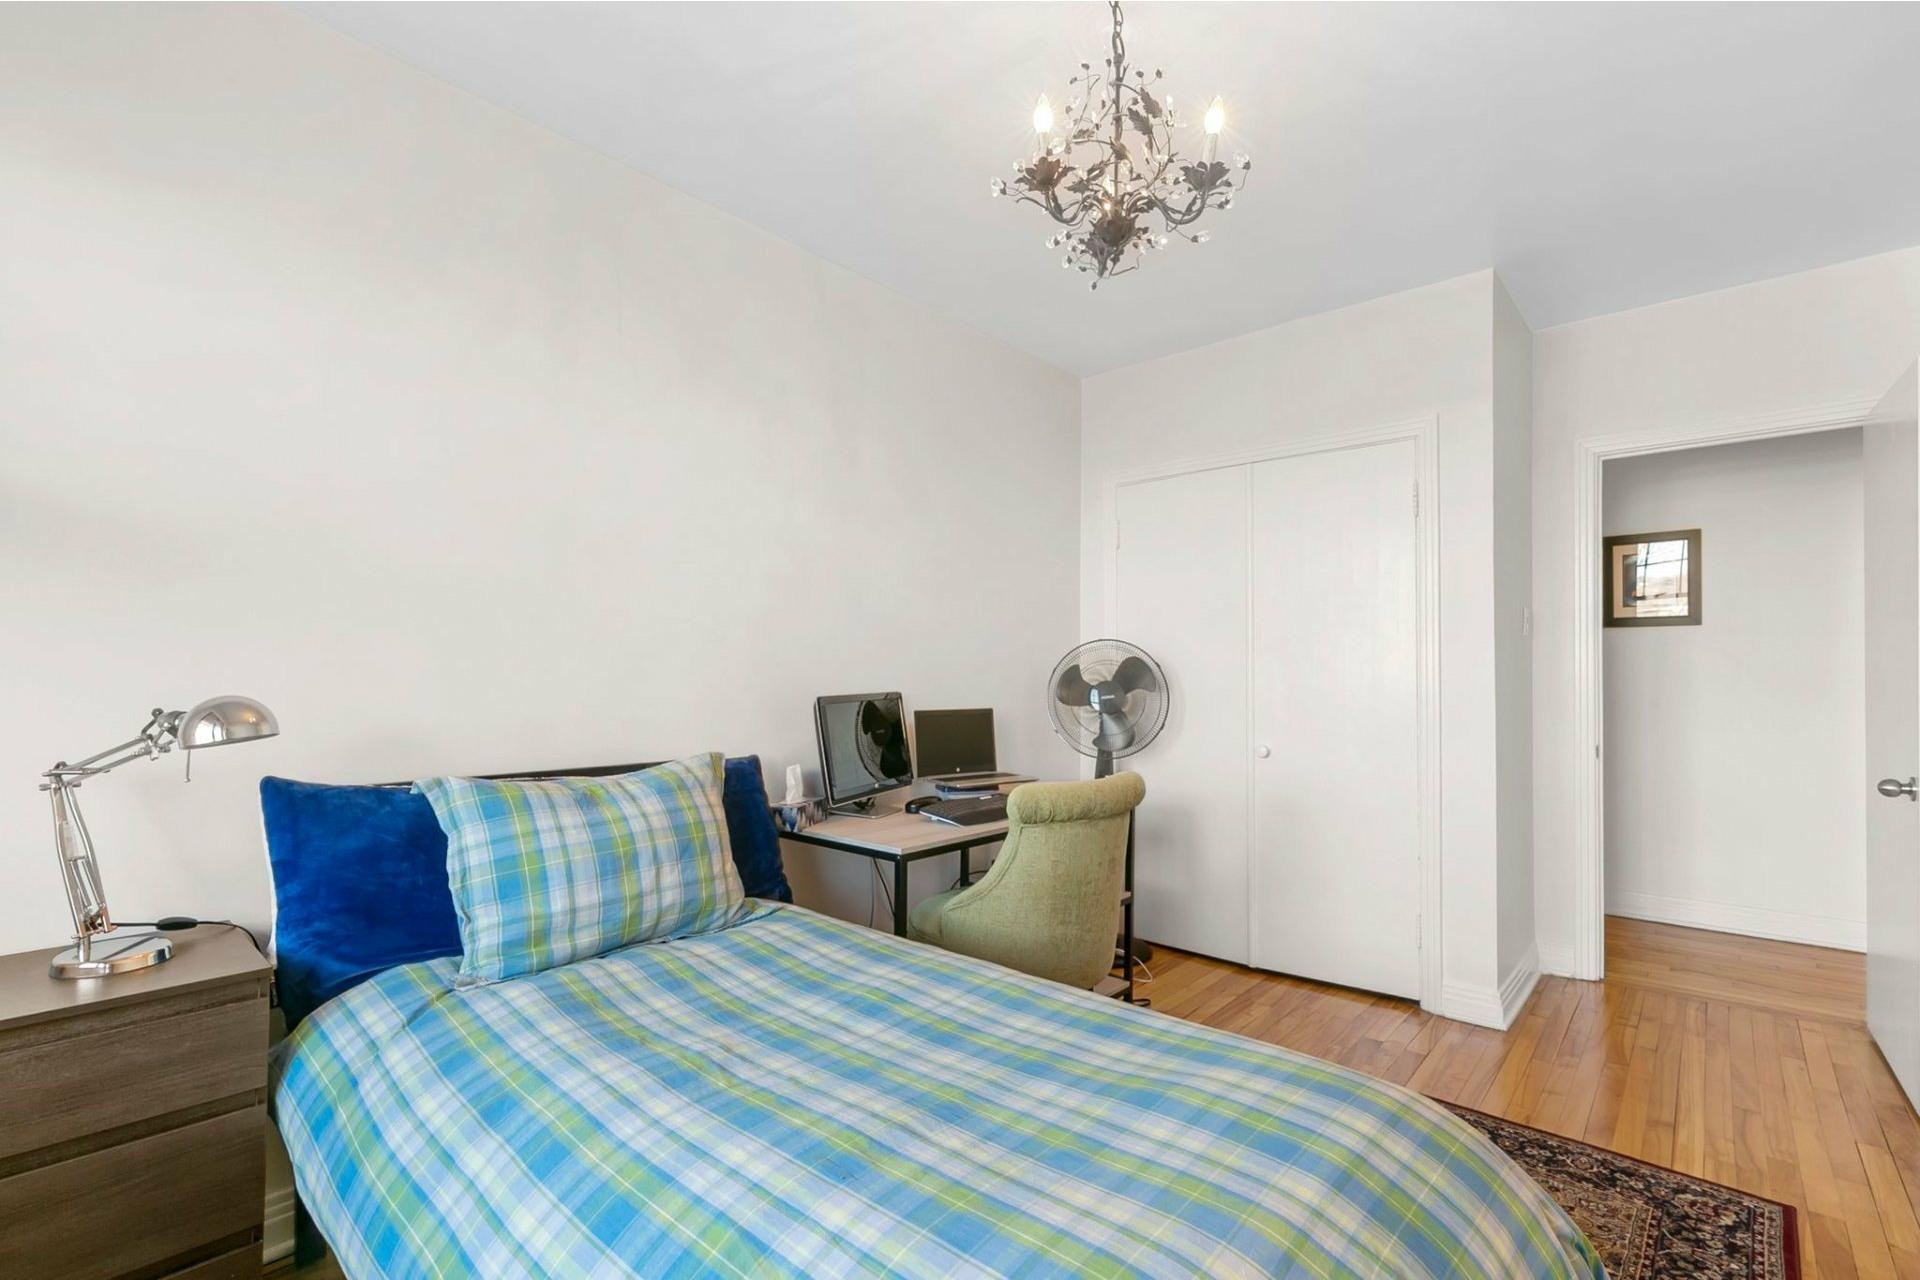 image 16 - Appartement À vendre Côte-des-Neiges/Notre-Dame-de-Grâce Montréal  - 7 pièces